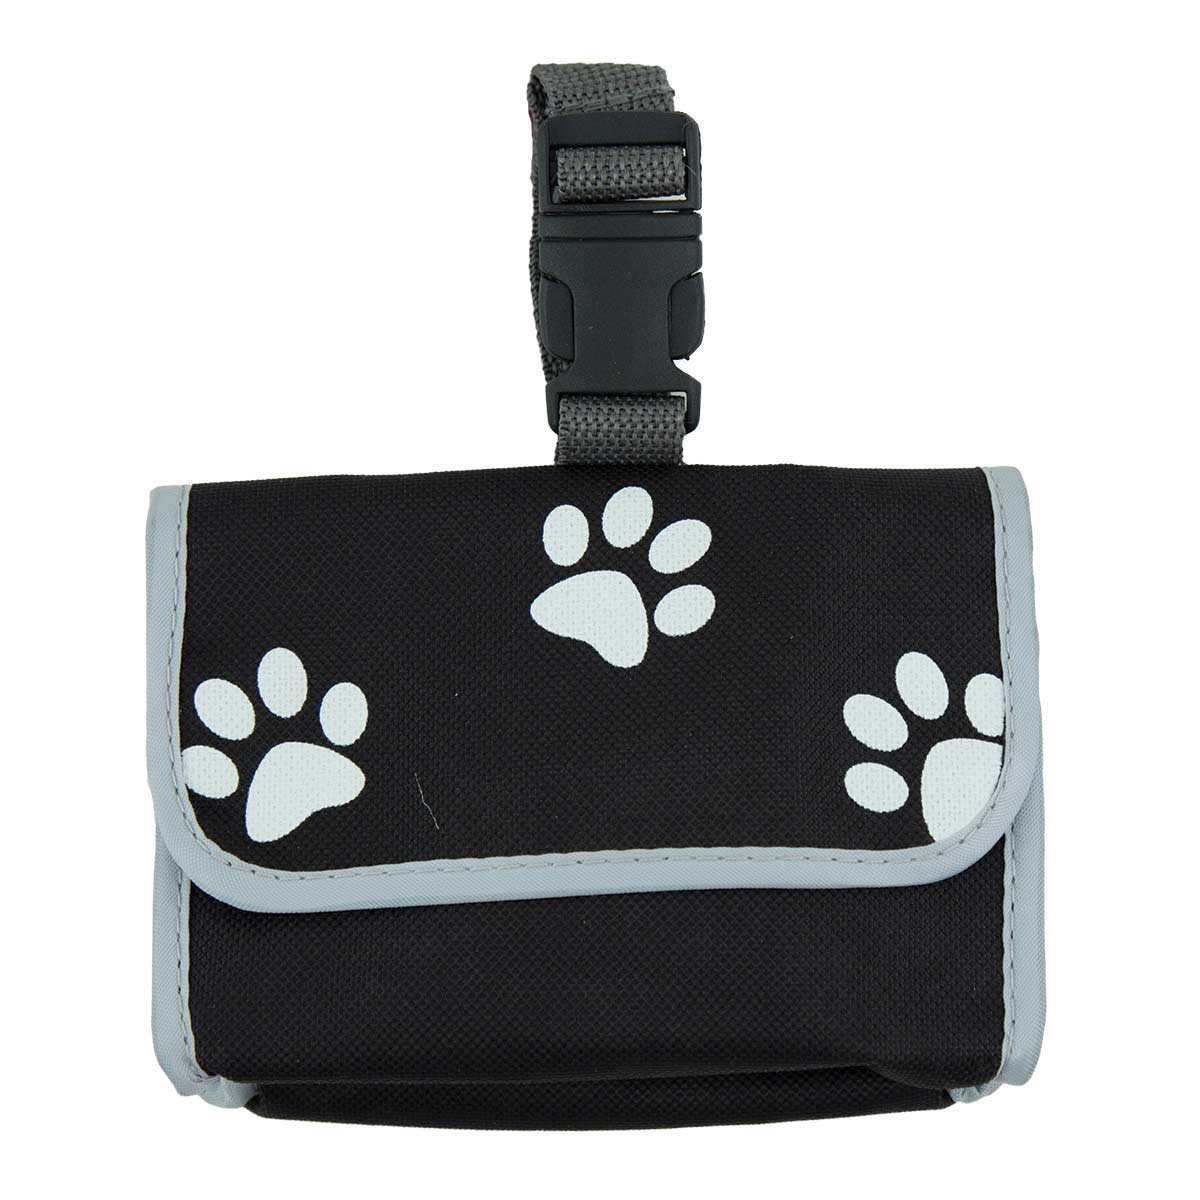 POOPAK Black for Transporting Dog Waste